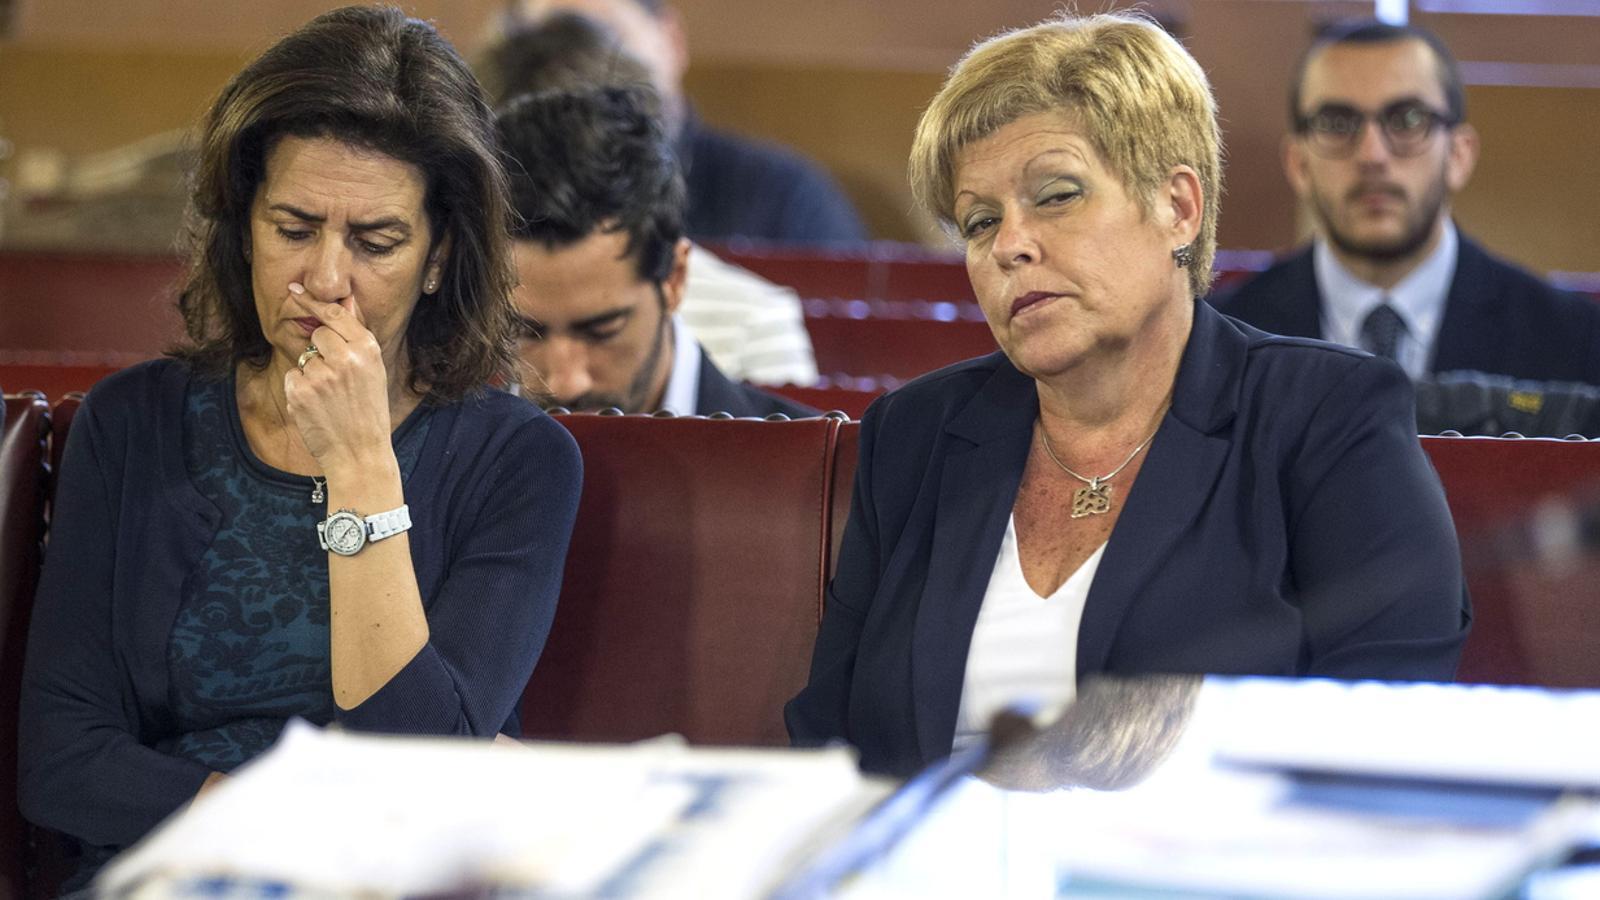 Presó per a Correa, Crespo, el Bigotes i una exconsellera del PP de Camps per la trama Gürtel al País Valencià